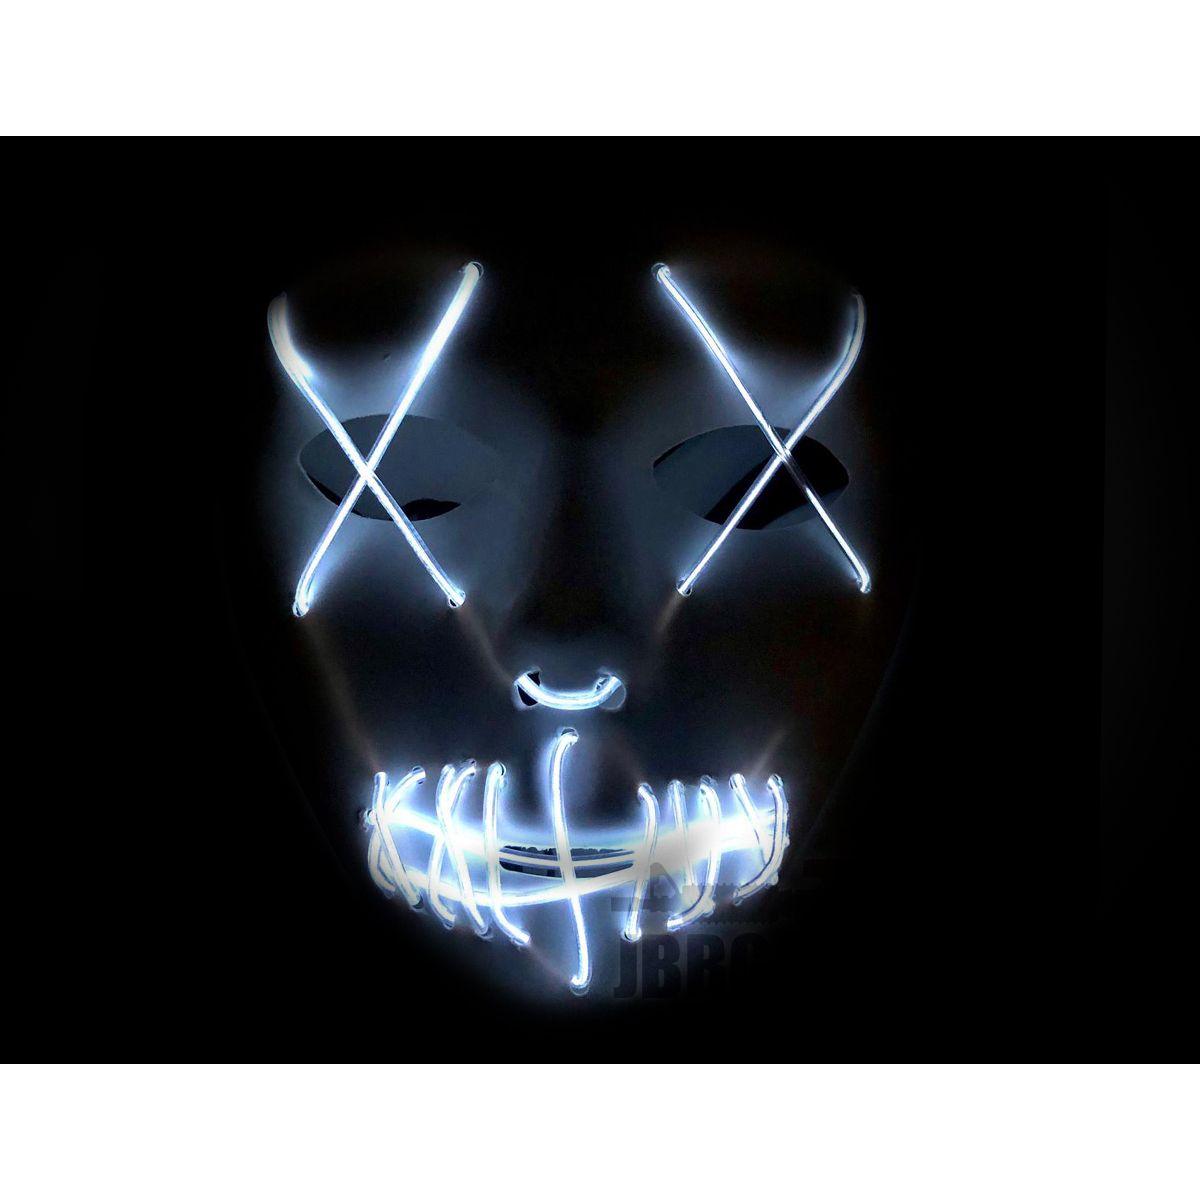 LED Purge White Mask with Blue X